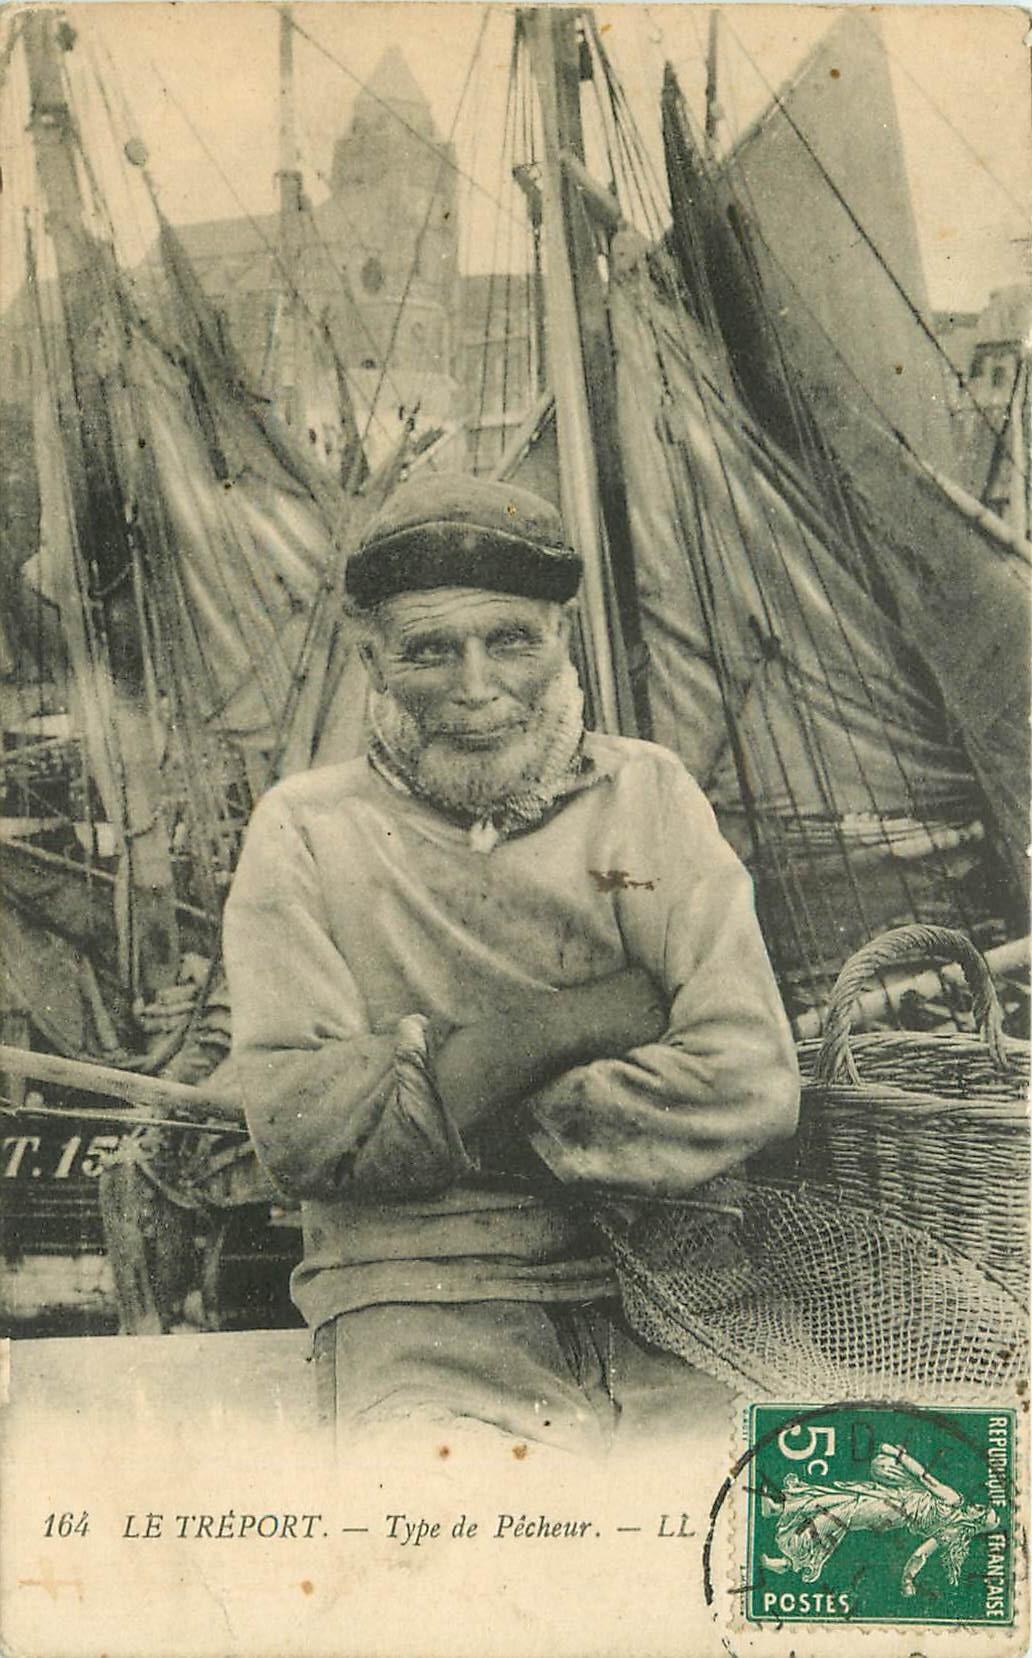 76 LE TREPORT. Type de Pêcheur 1912